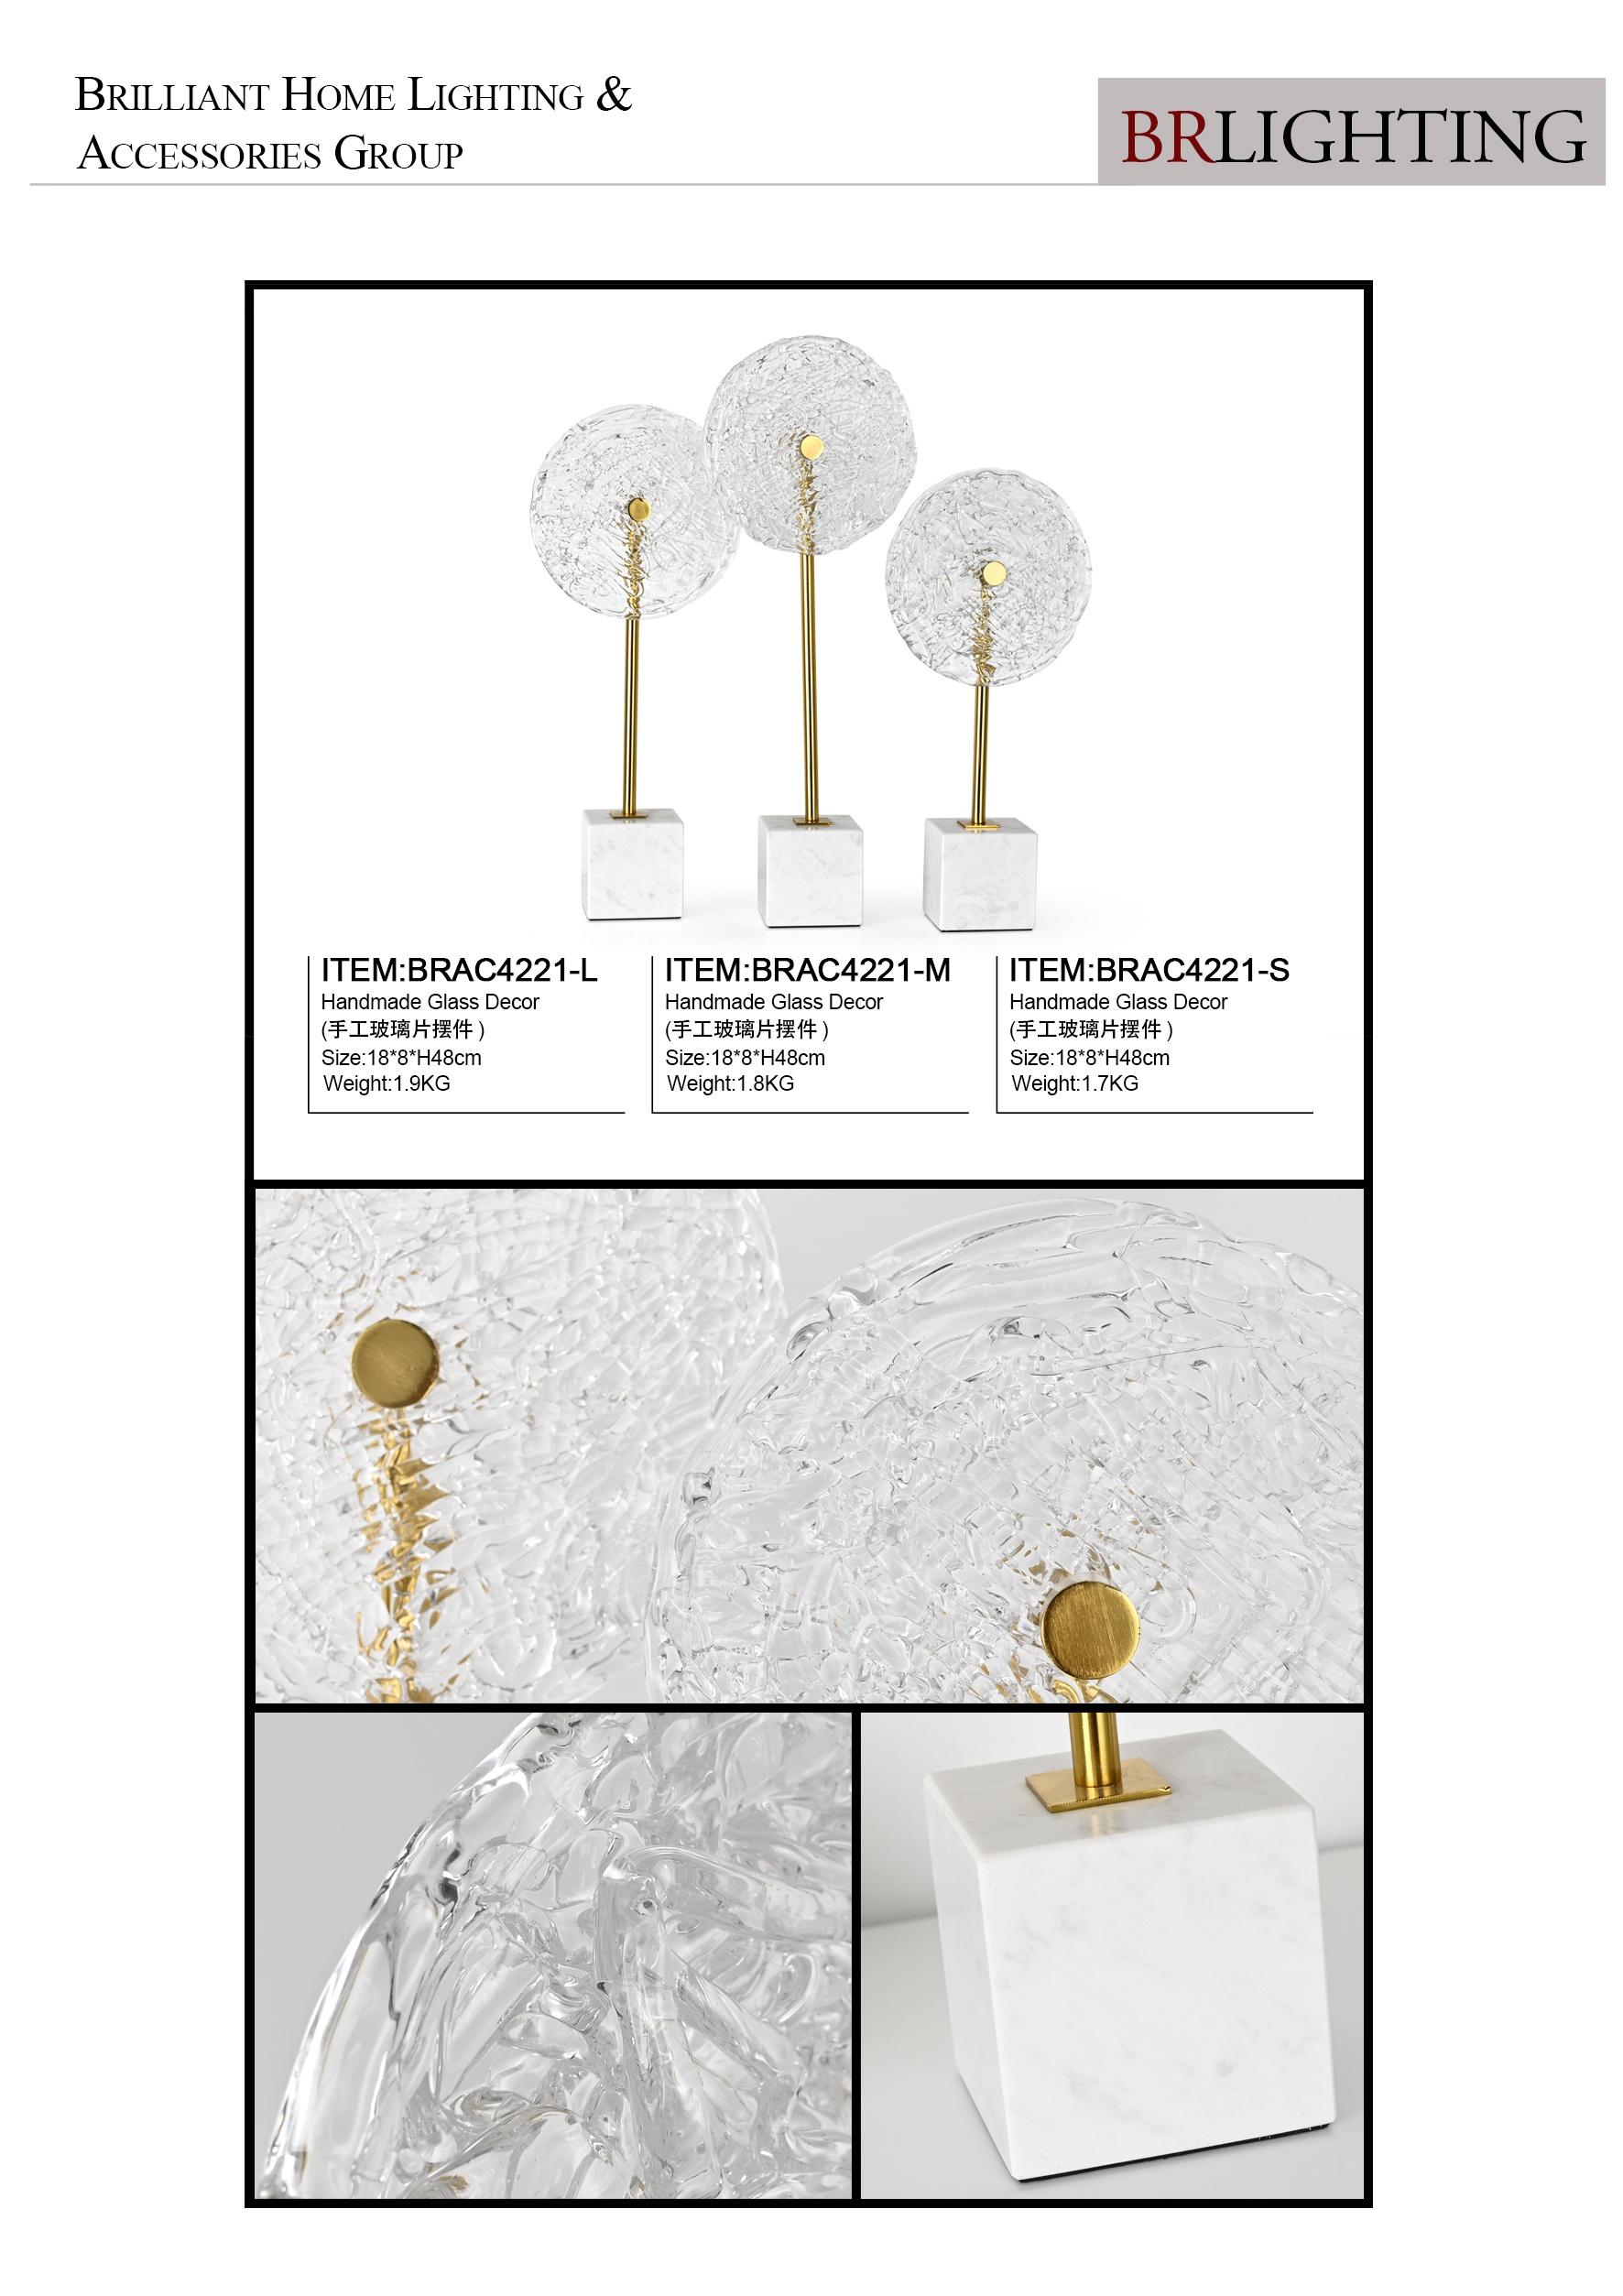 Офисный стол foscarini, Современное украшение, золотой декор, стеклянный камень, художественное ремесло